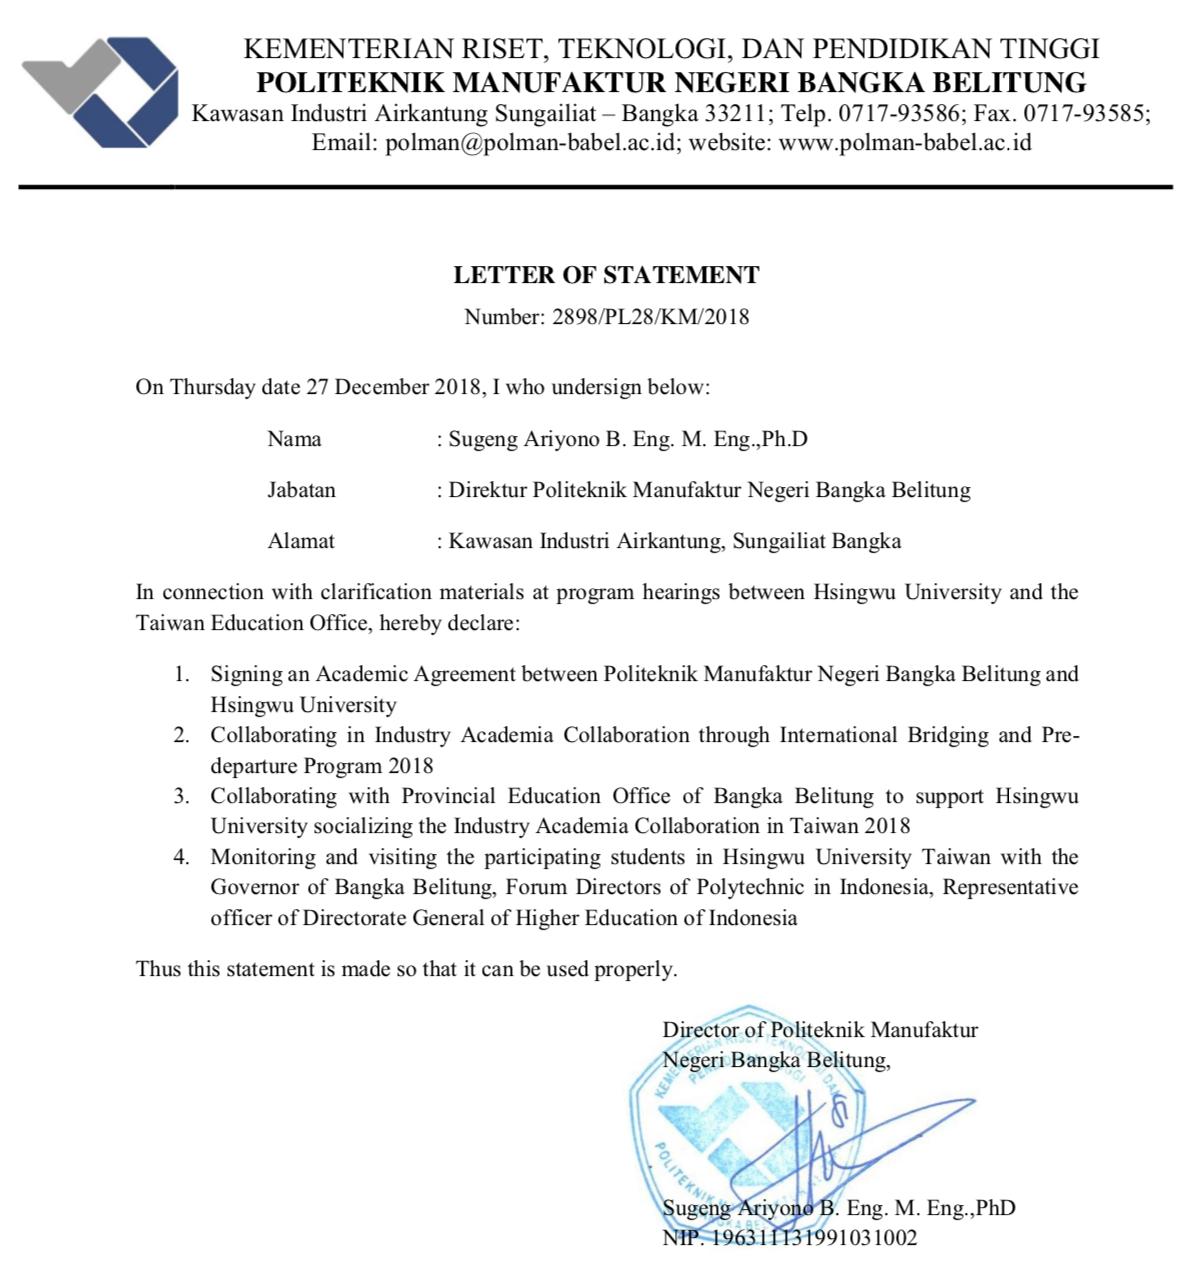 醒吾科大表示,該校新南向國際產學專班是與印尼邦加省政府合作,透過當地政府官員招生...